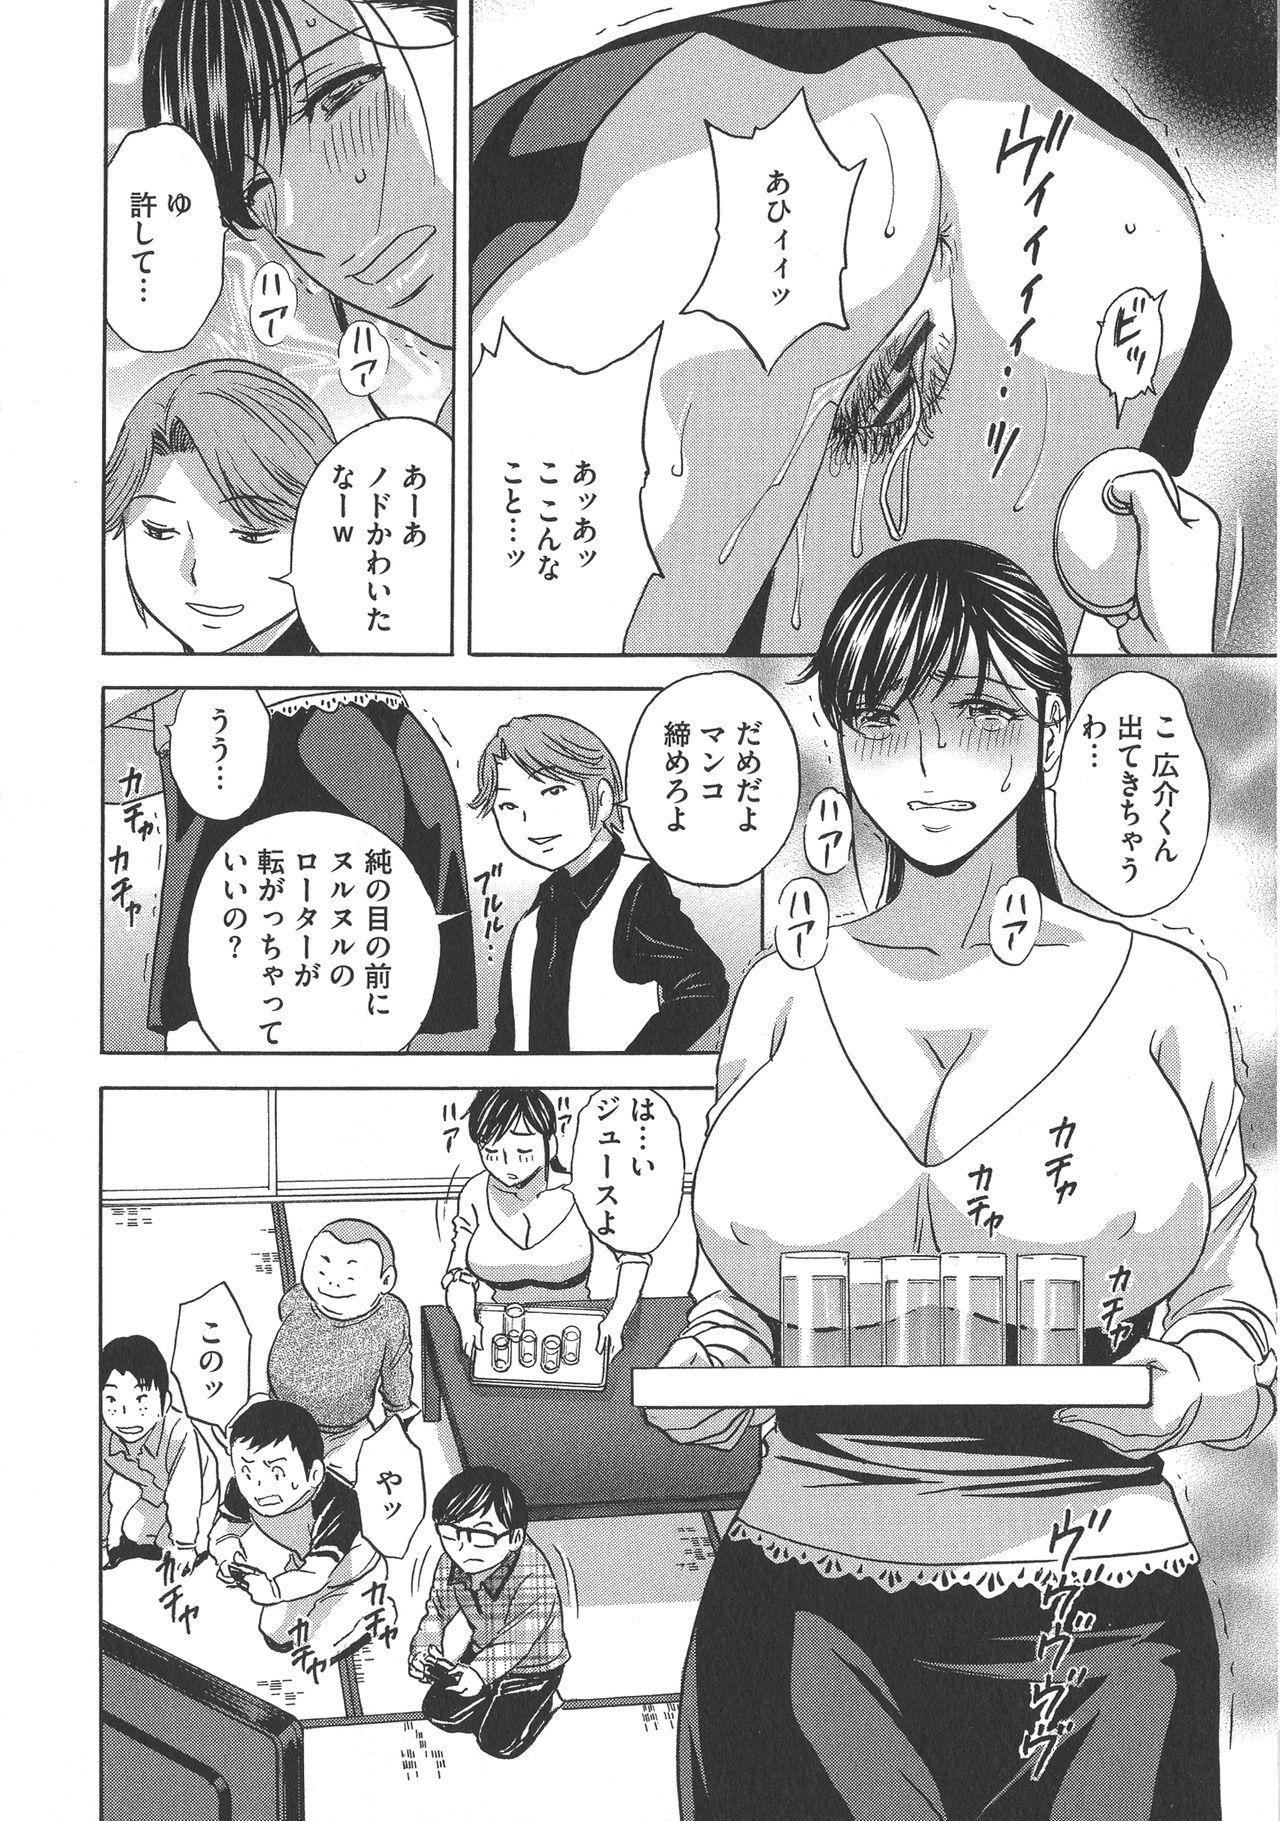 Chijoku ni Modaeru Haha no Chichi… 115